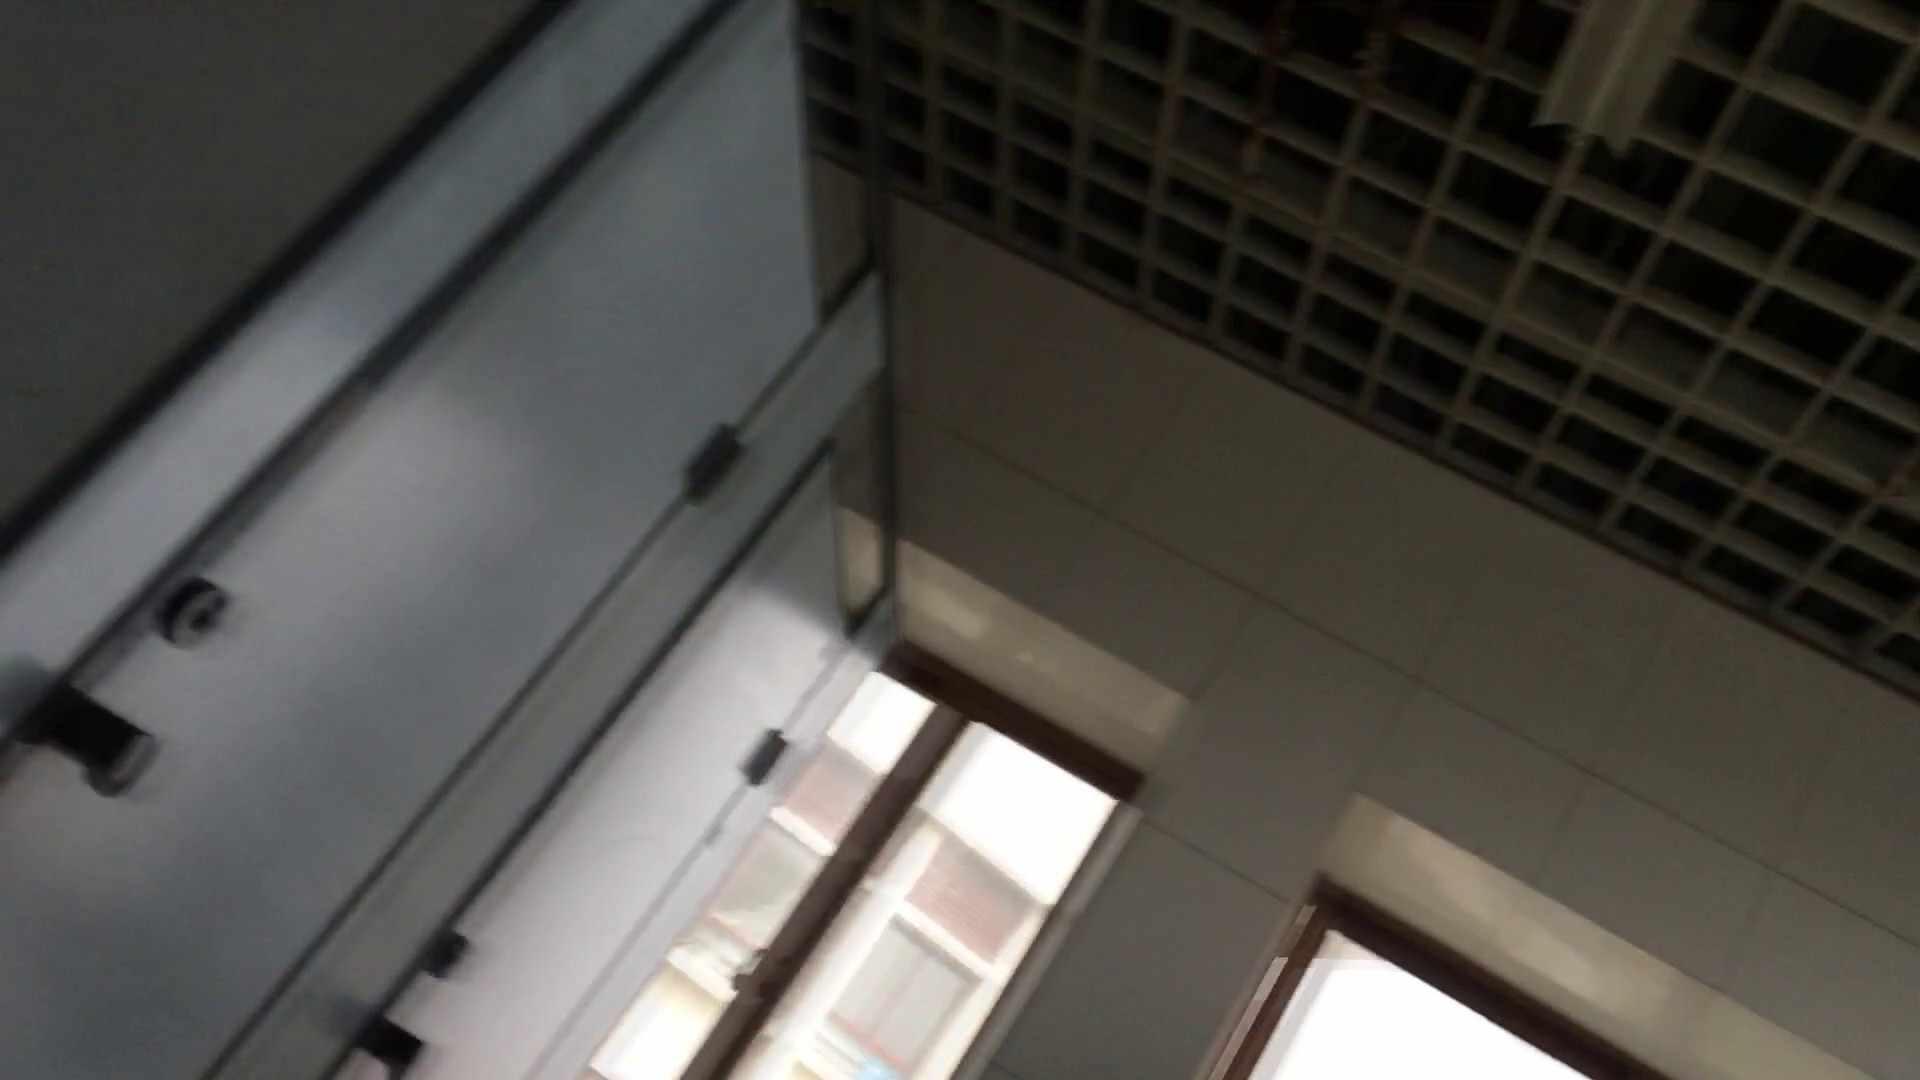 芸術大学ガチ潜入盗撮 JD盗撮 美女の洗面所の秘密 Vol.80 トイレ中 | 洗面所着替え  64連発 5